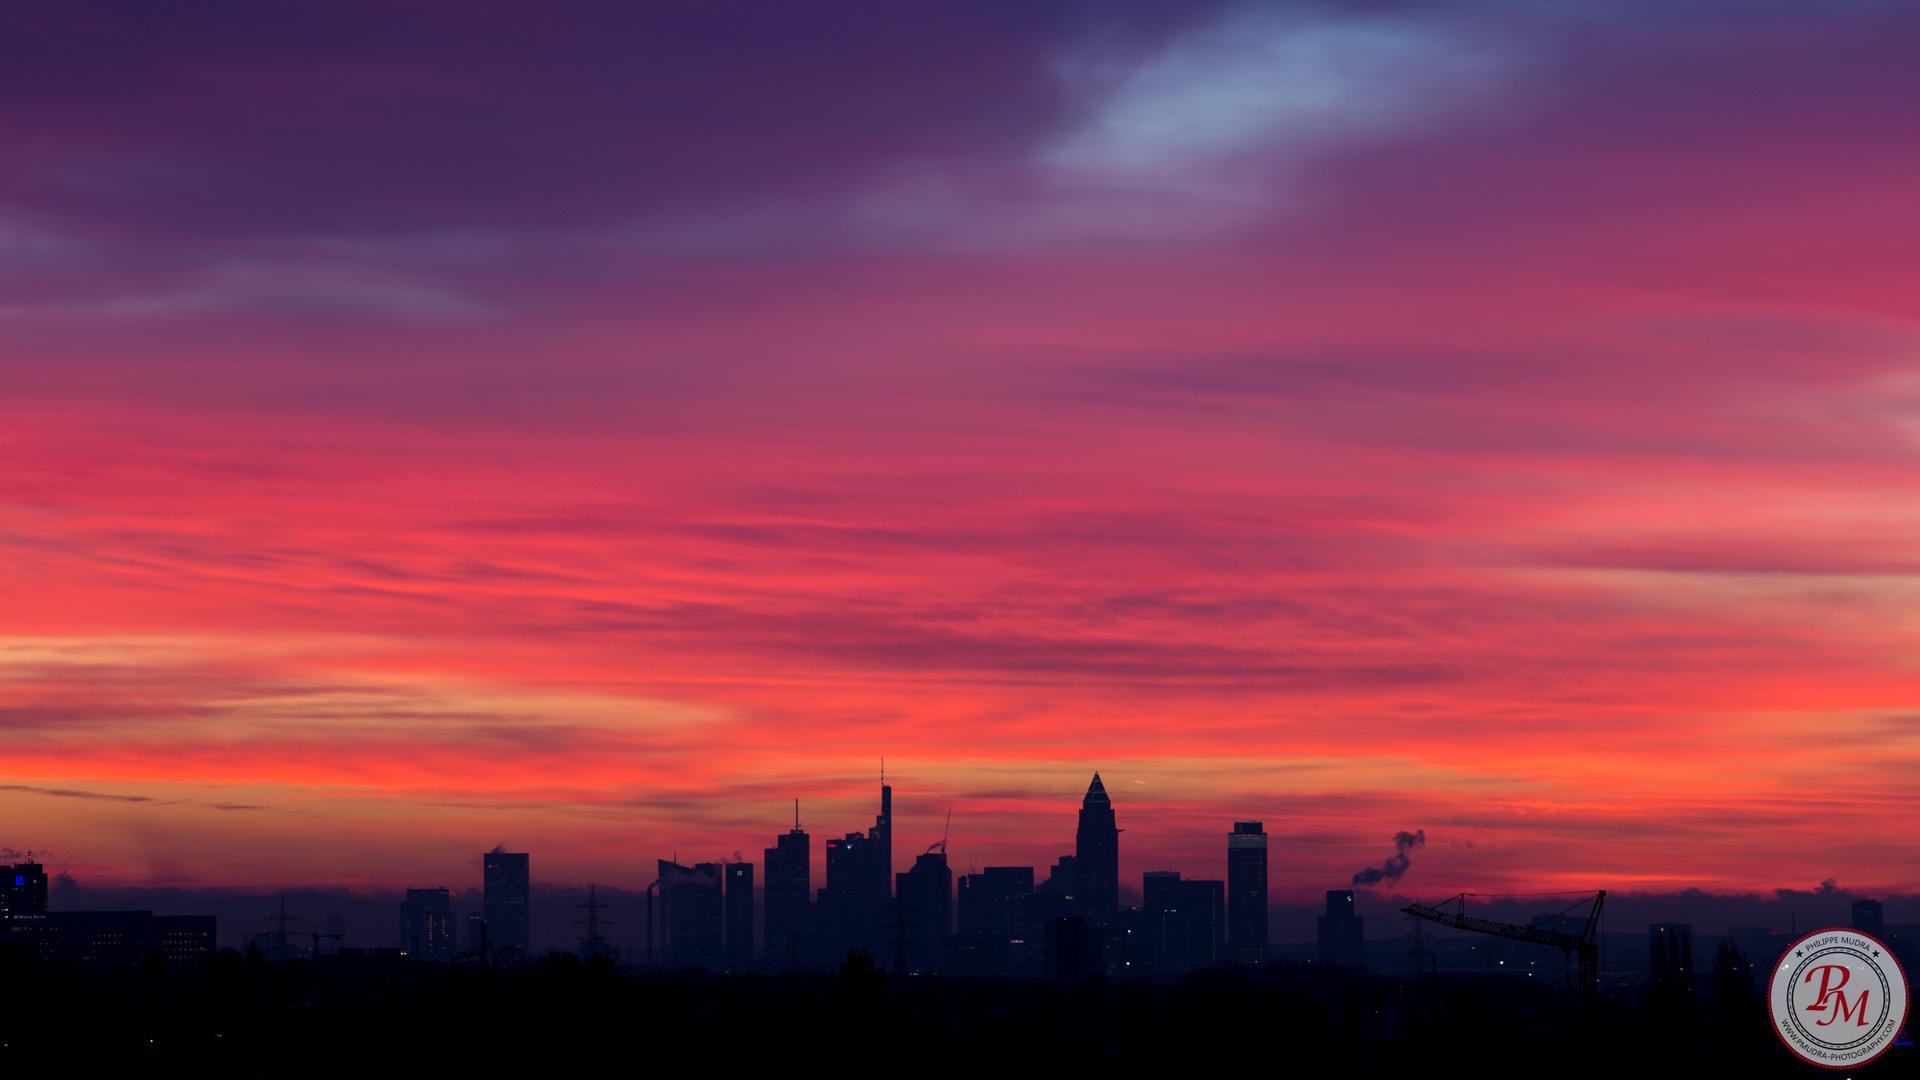 Morgen Frankfurt guten morgen frankfurt tgim foto bild architektur reisen